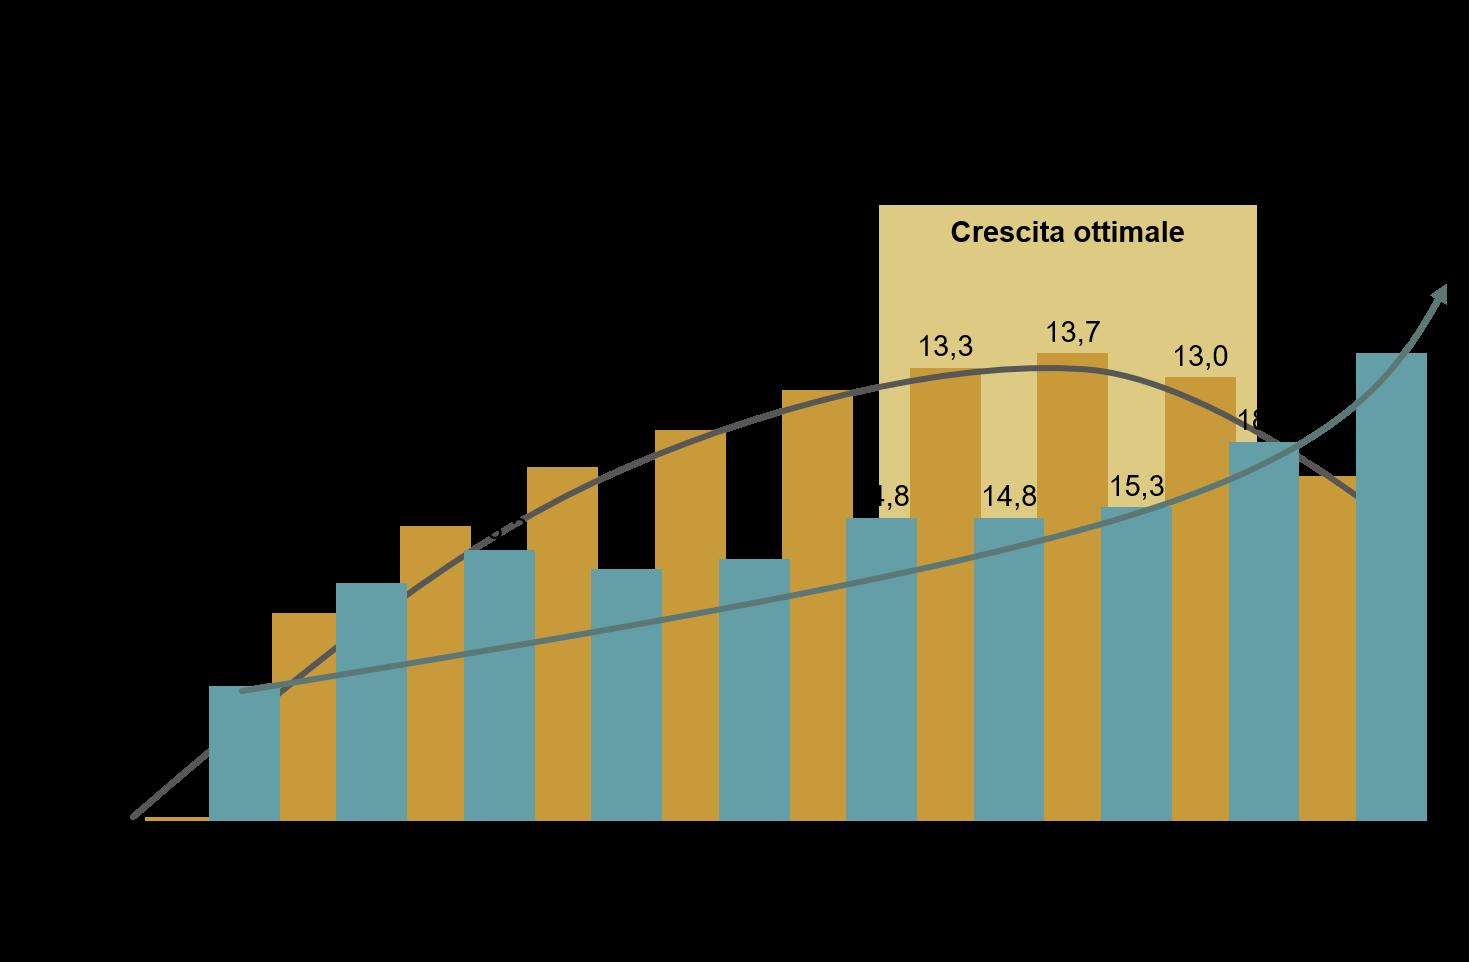 Limitare la crescita ottimale - ROX2